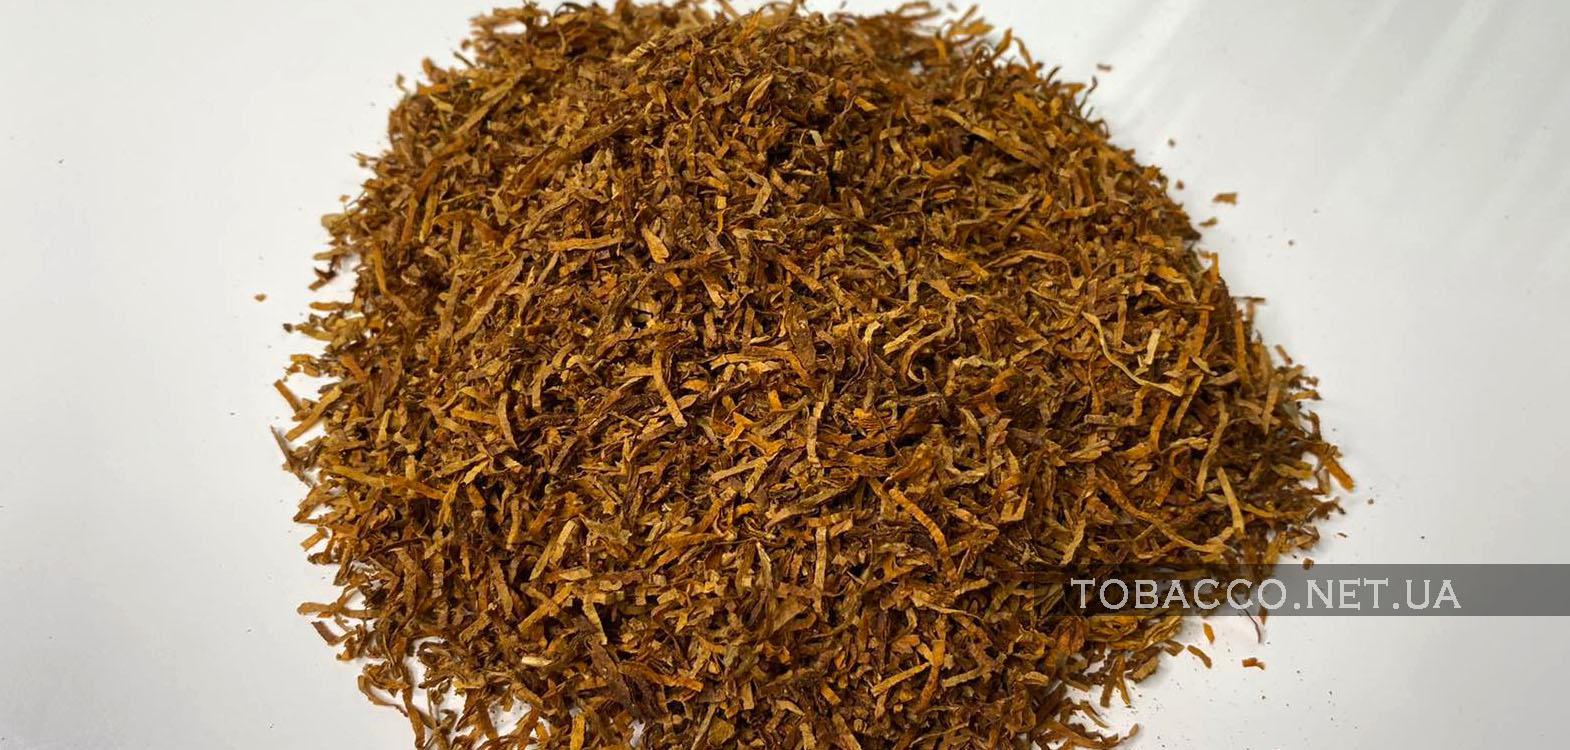 Легкий табак вирджиния импортный